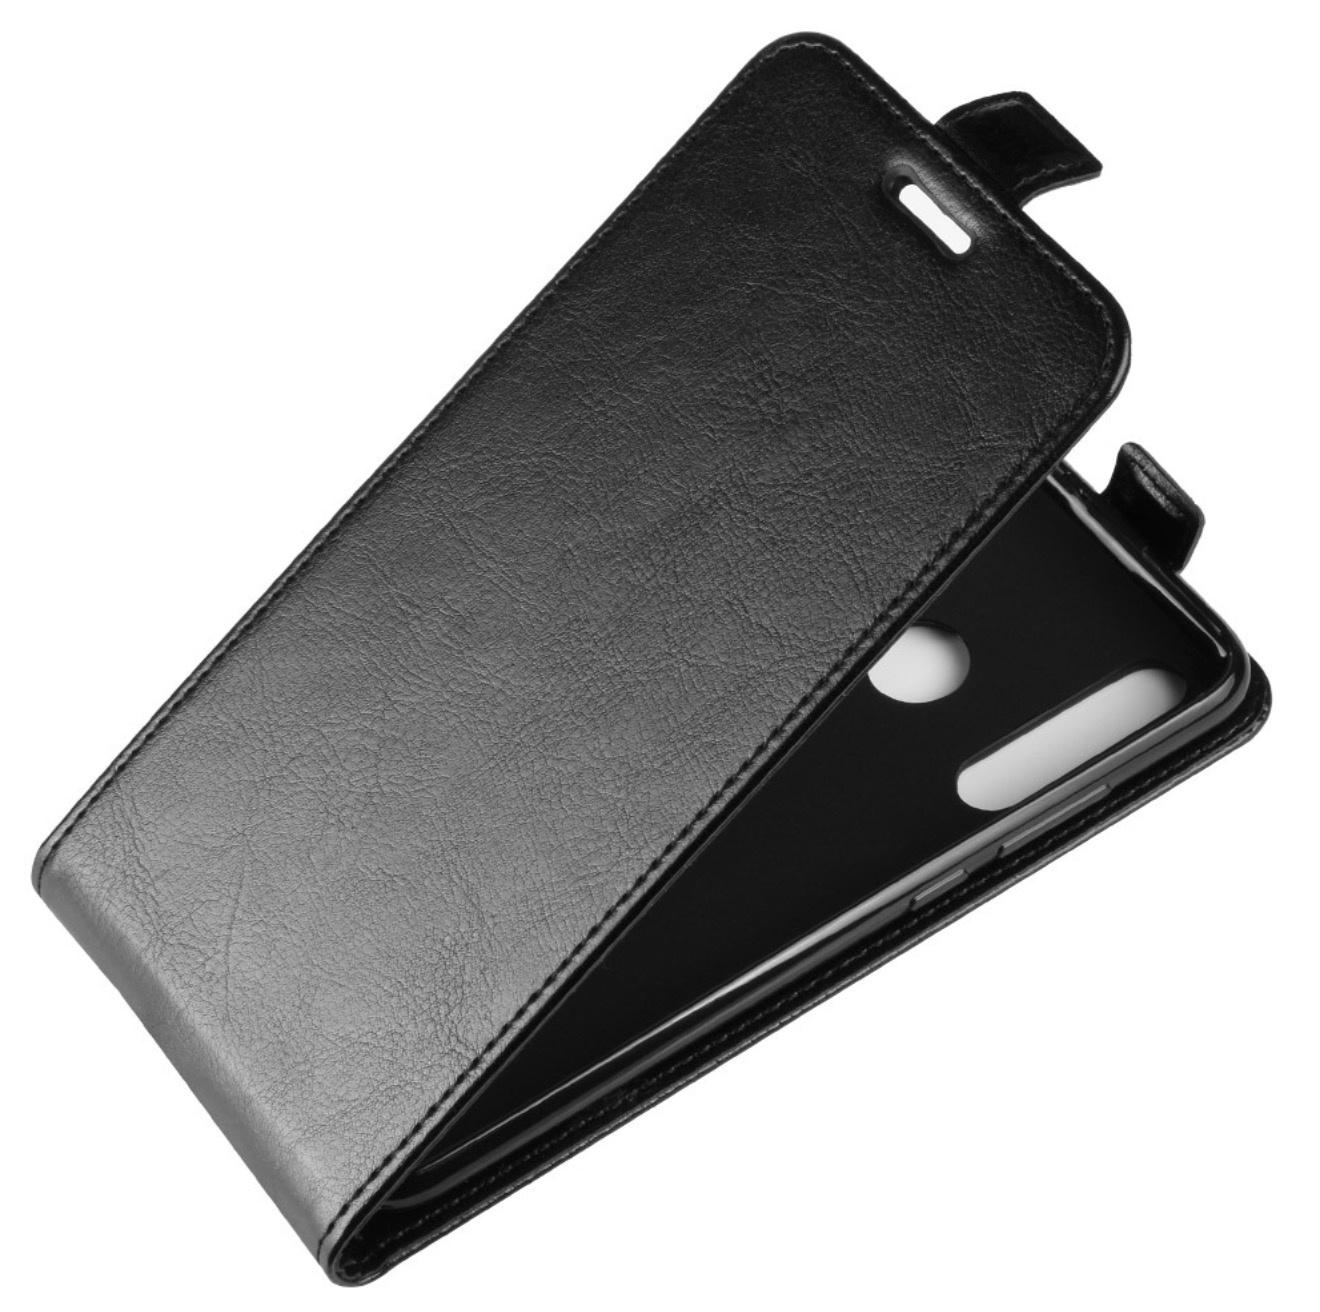 Чехол-флип MyPads для Elephone P5000 вертикальный откидной черный